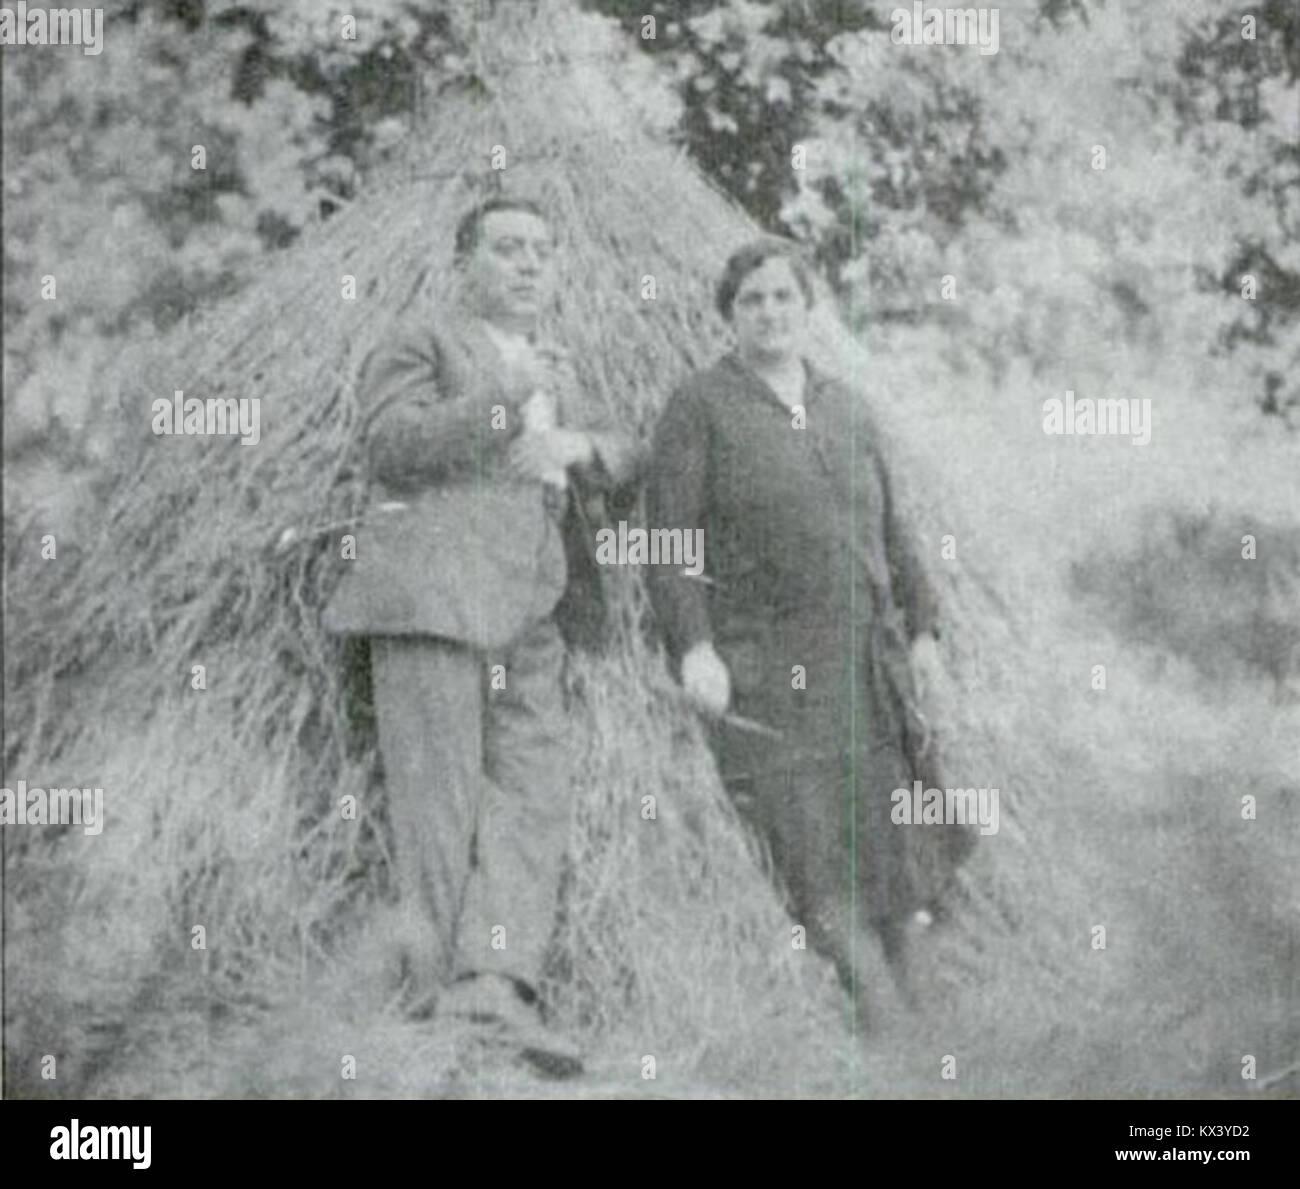 Darío Álvarez Limeses e María Blázquez Ballester, Baión, 1928 Stock Photo